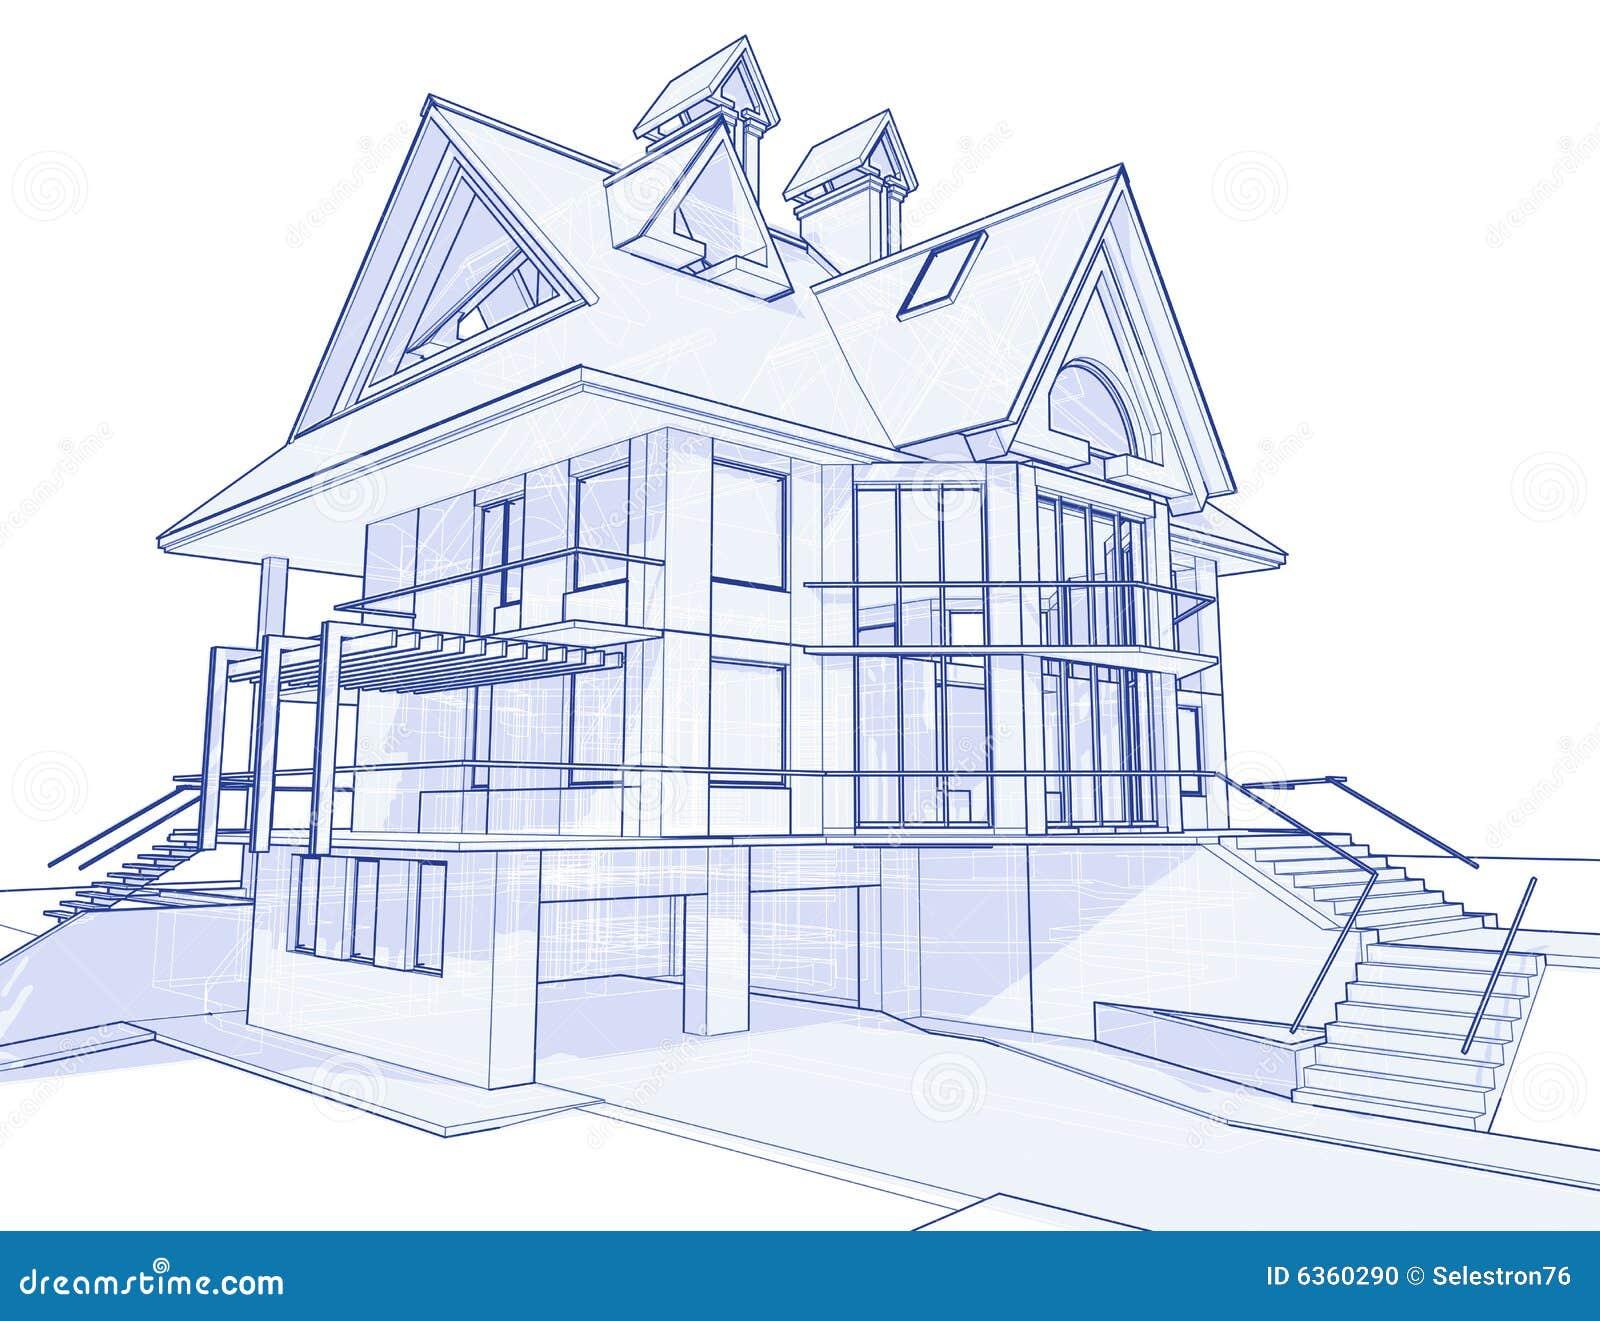 Modernes Haus Lichtpause Vektor Abbildung Illustration Von